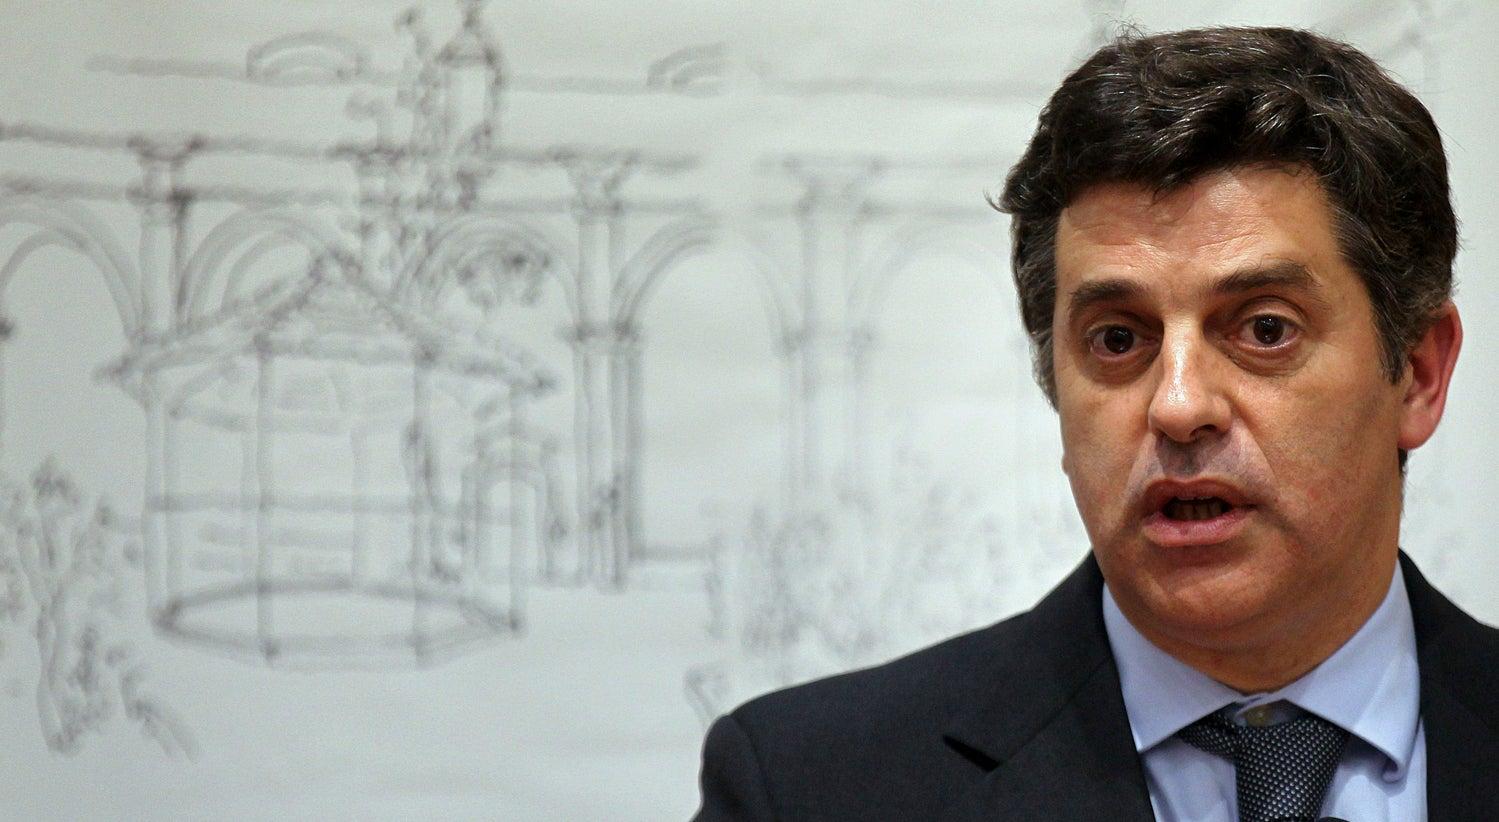 Ministro da Economia afirma que n�o h� invers�o de estrat�gia no OE 2017